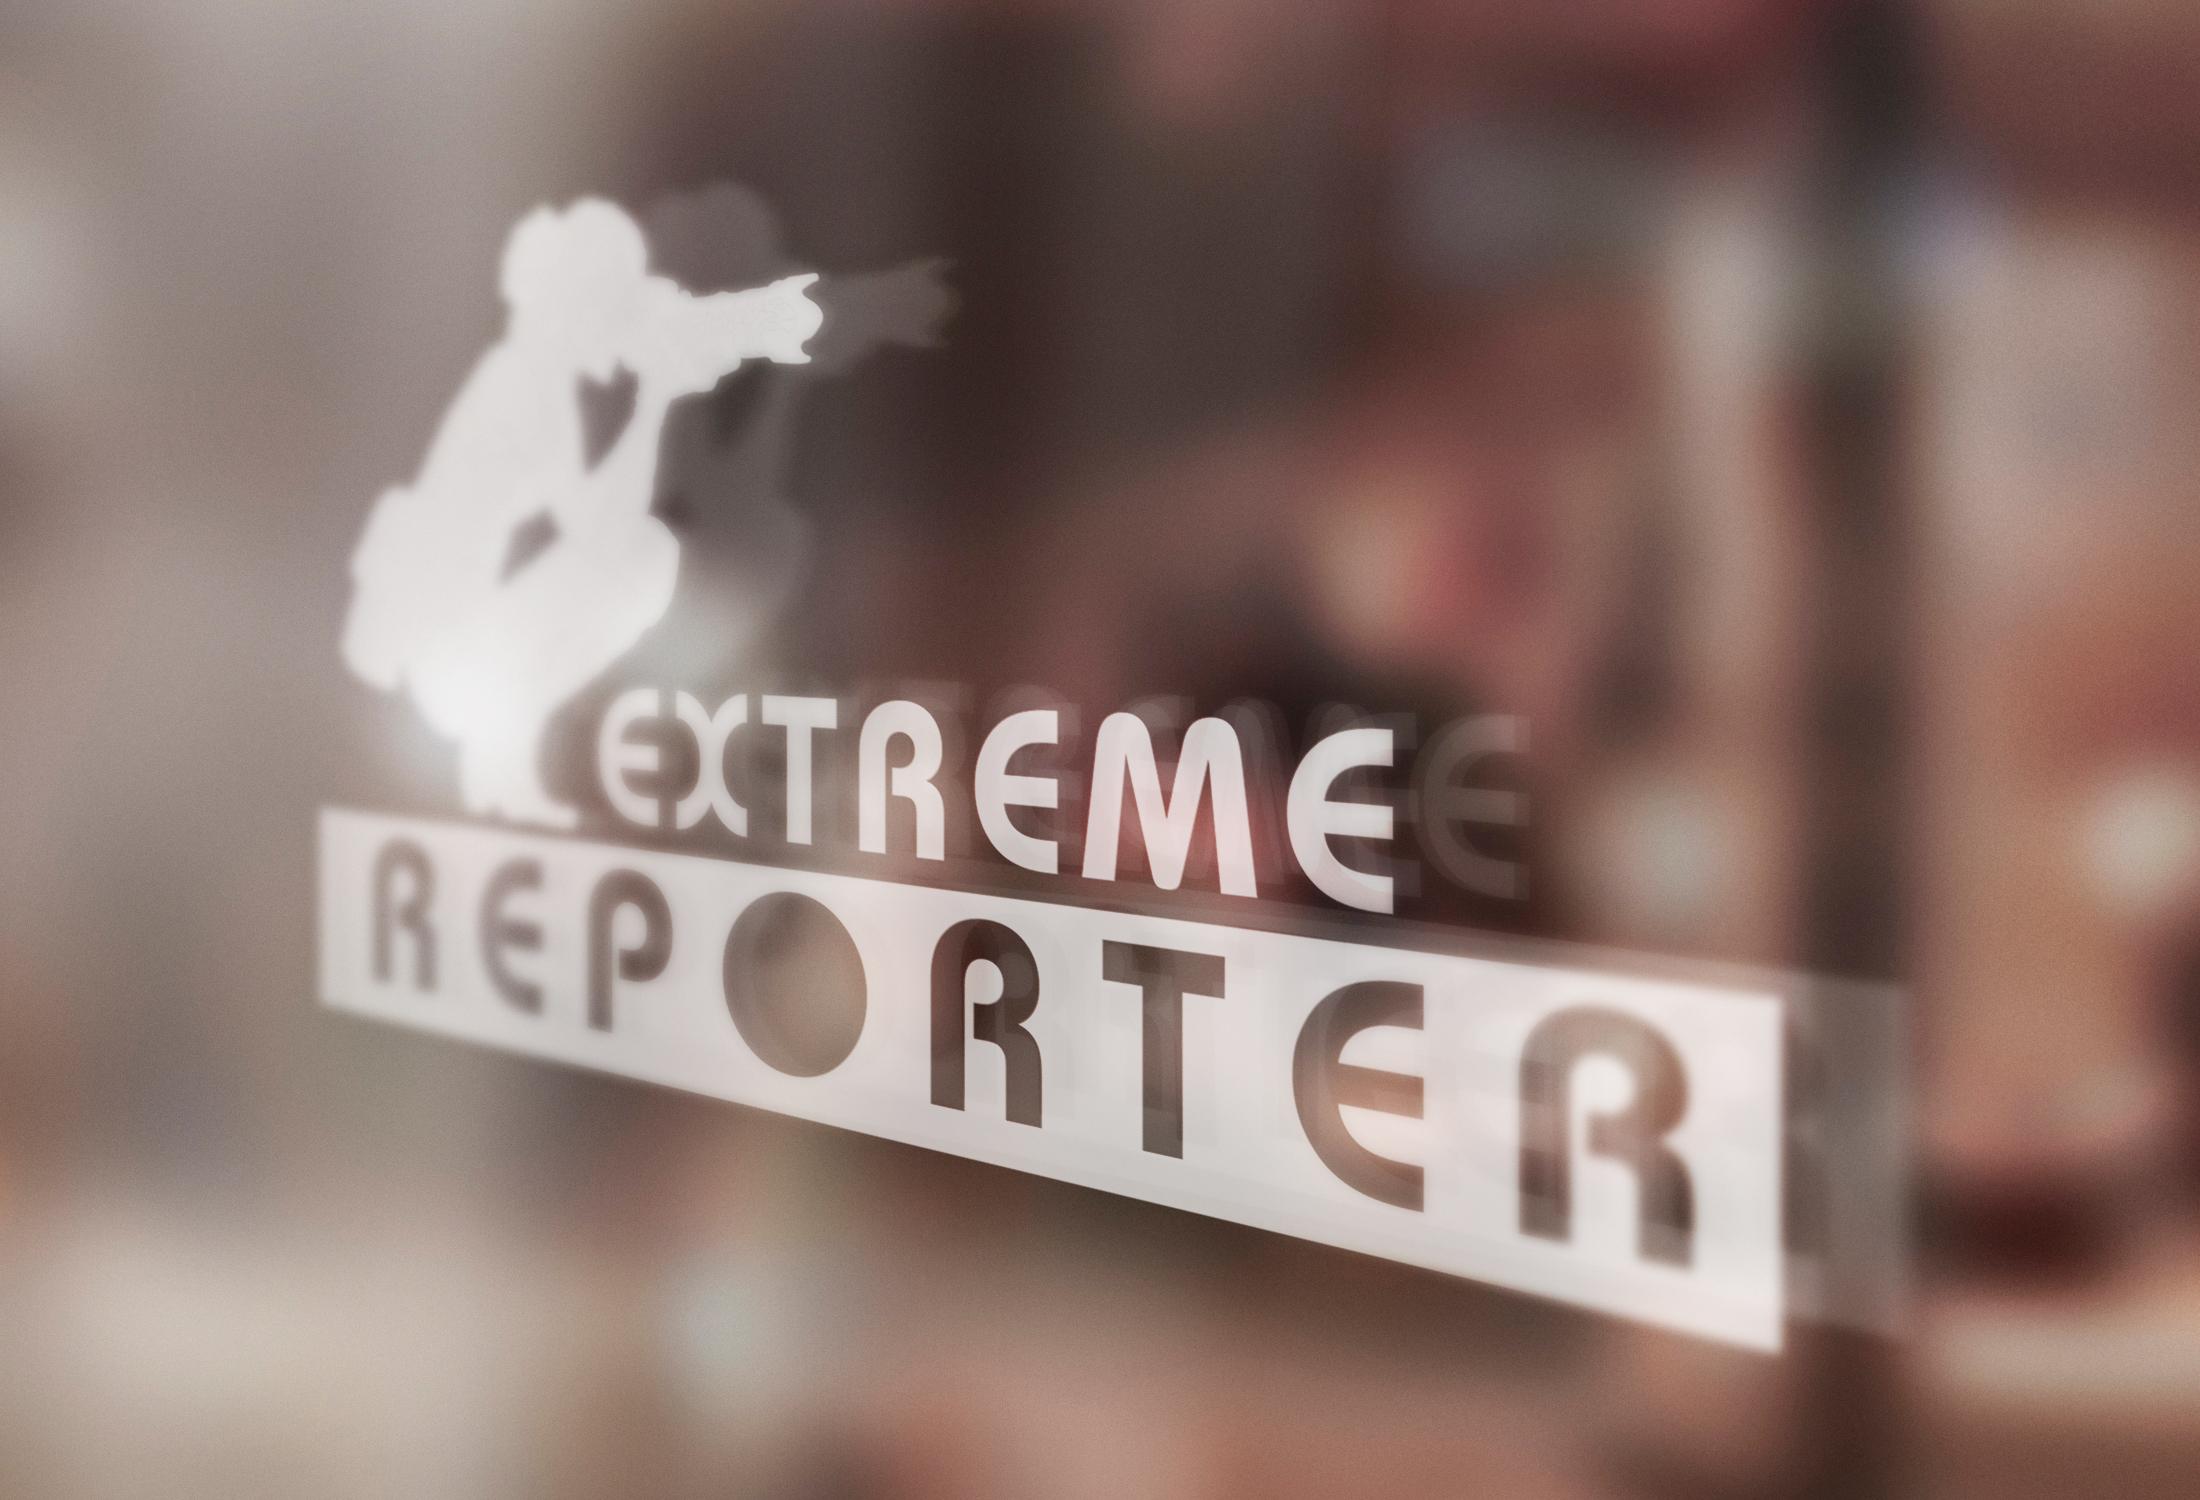 Логотип для экстрим фотографа.  фото f_0125a53f03b2ae18.jpg